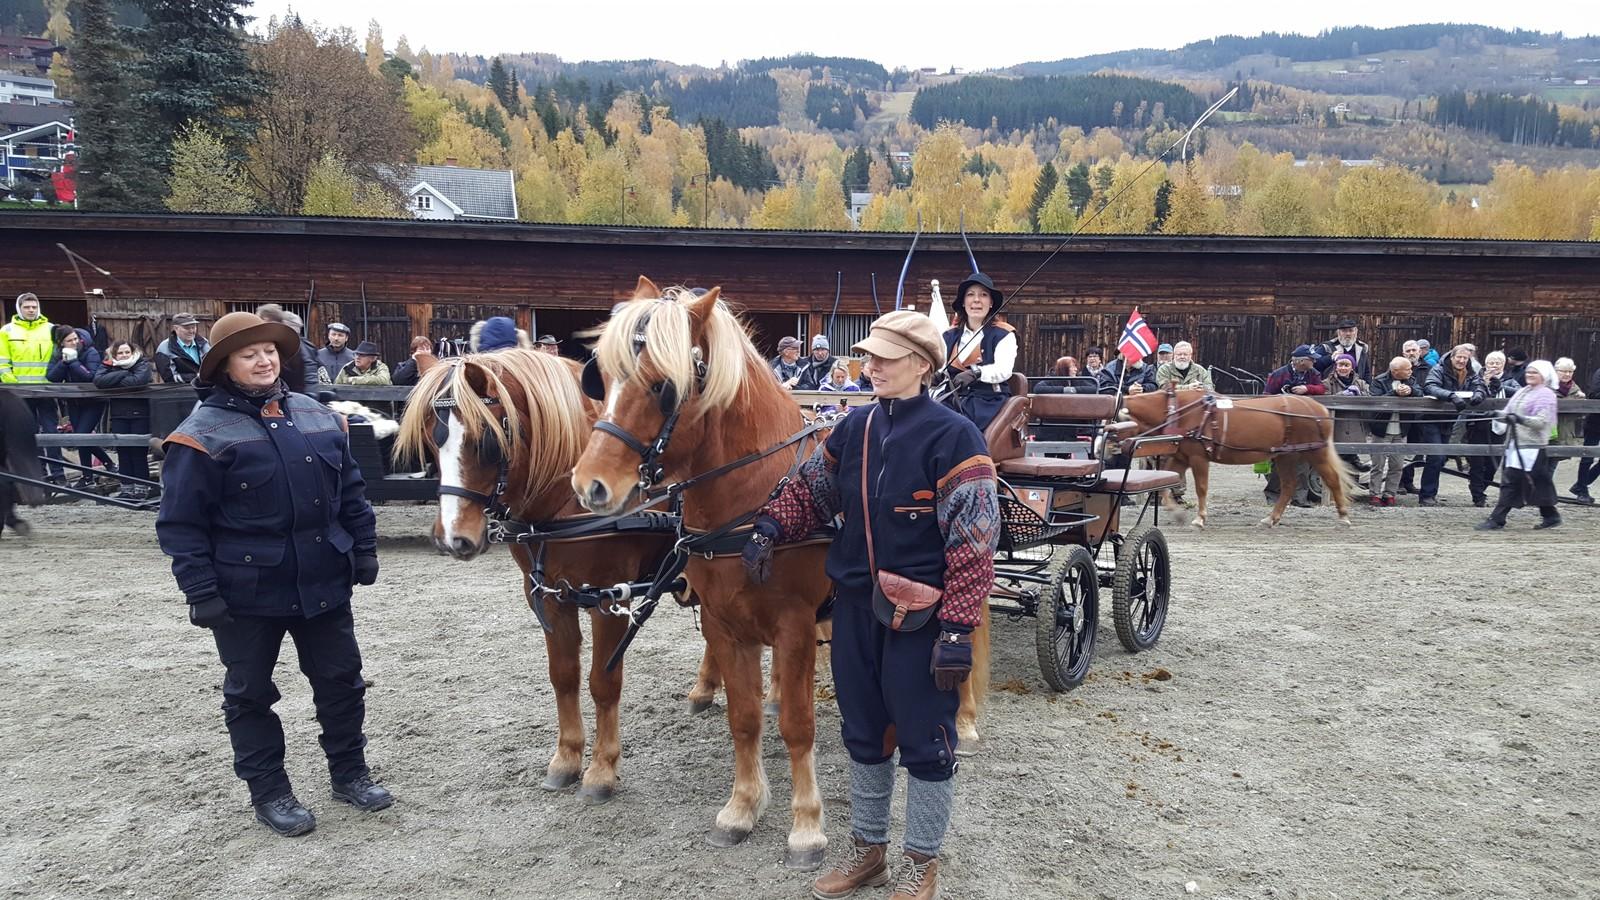 MANGE TILSKUERE. Mange hadde møtt opp for å se på opptoget med hester.